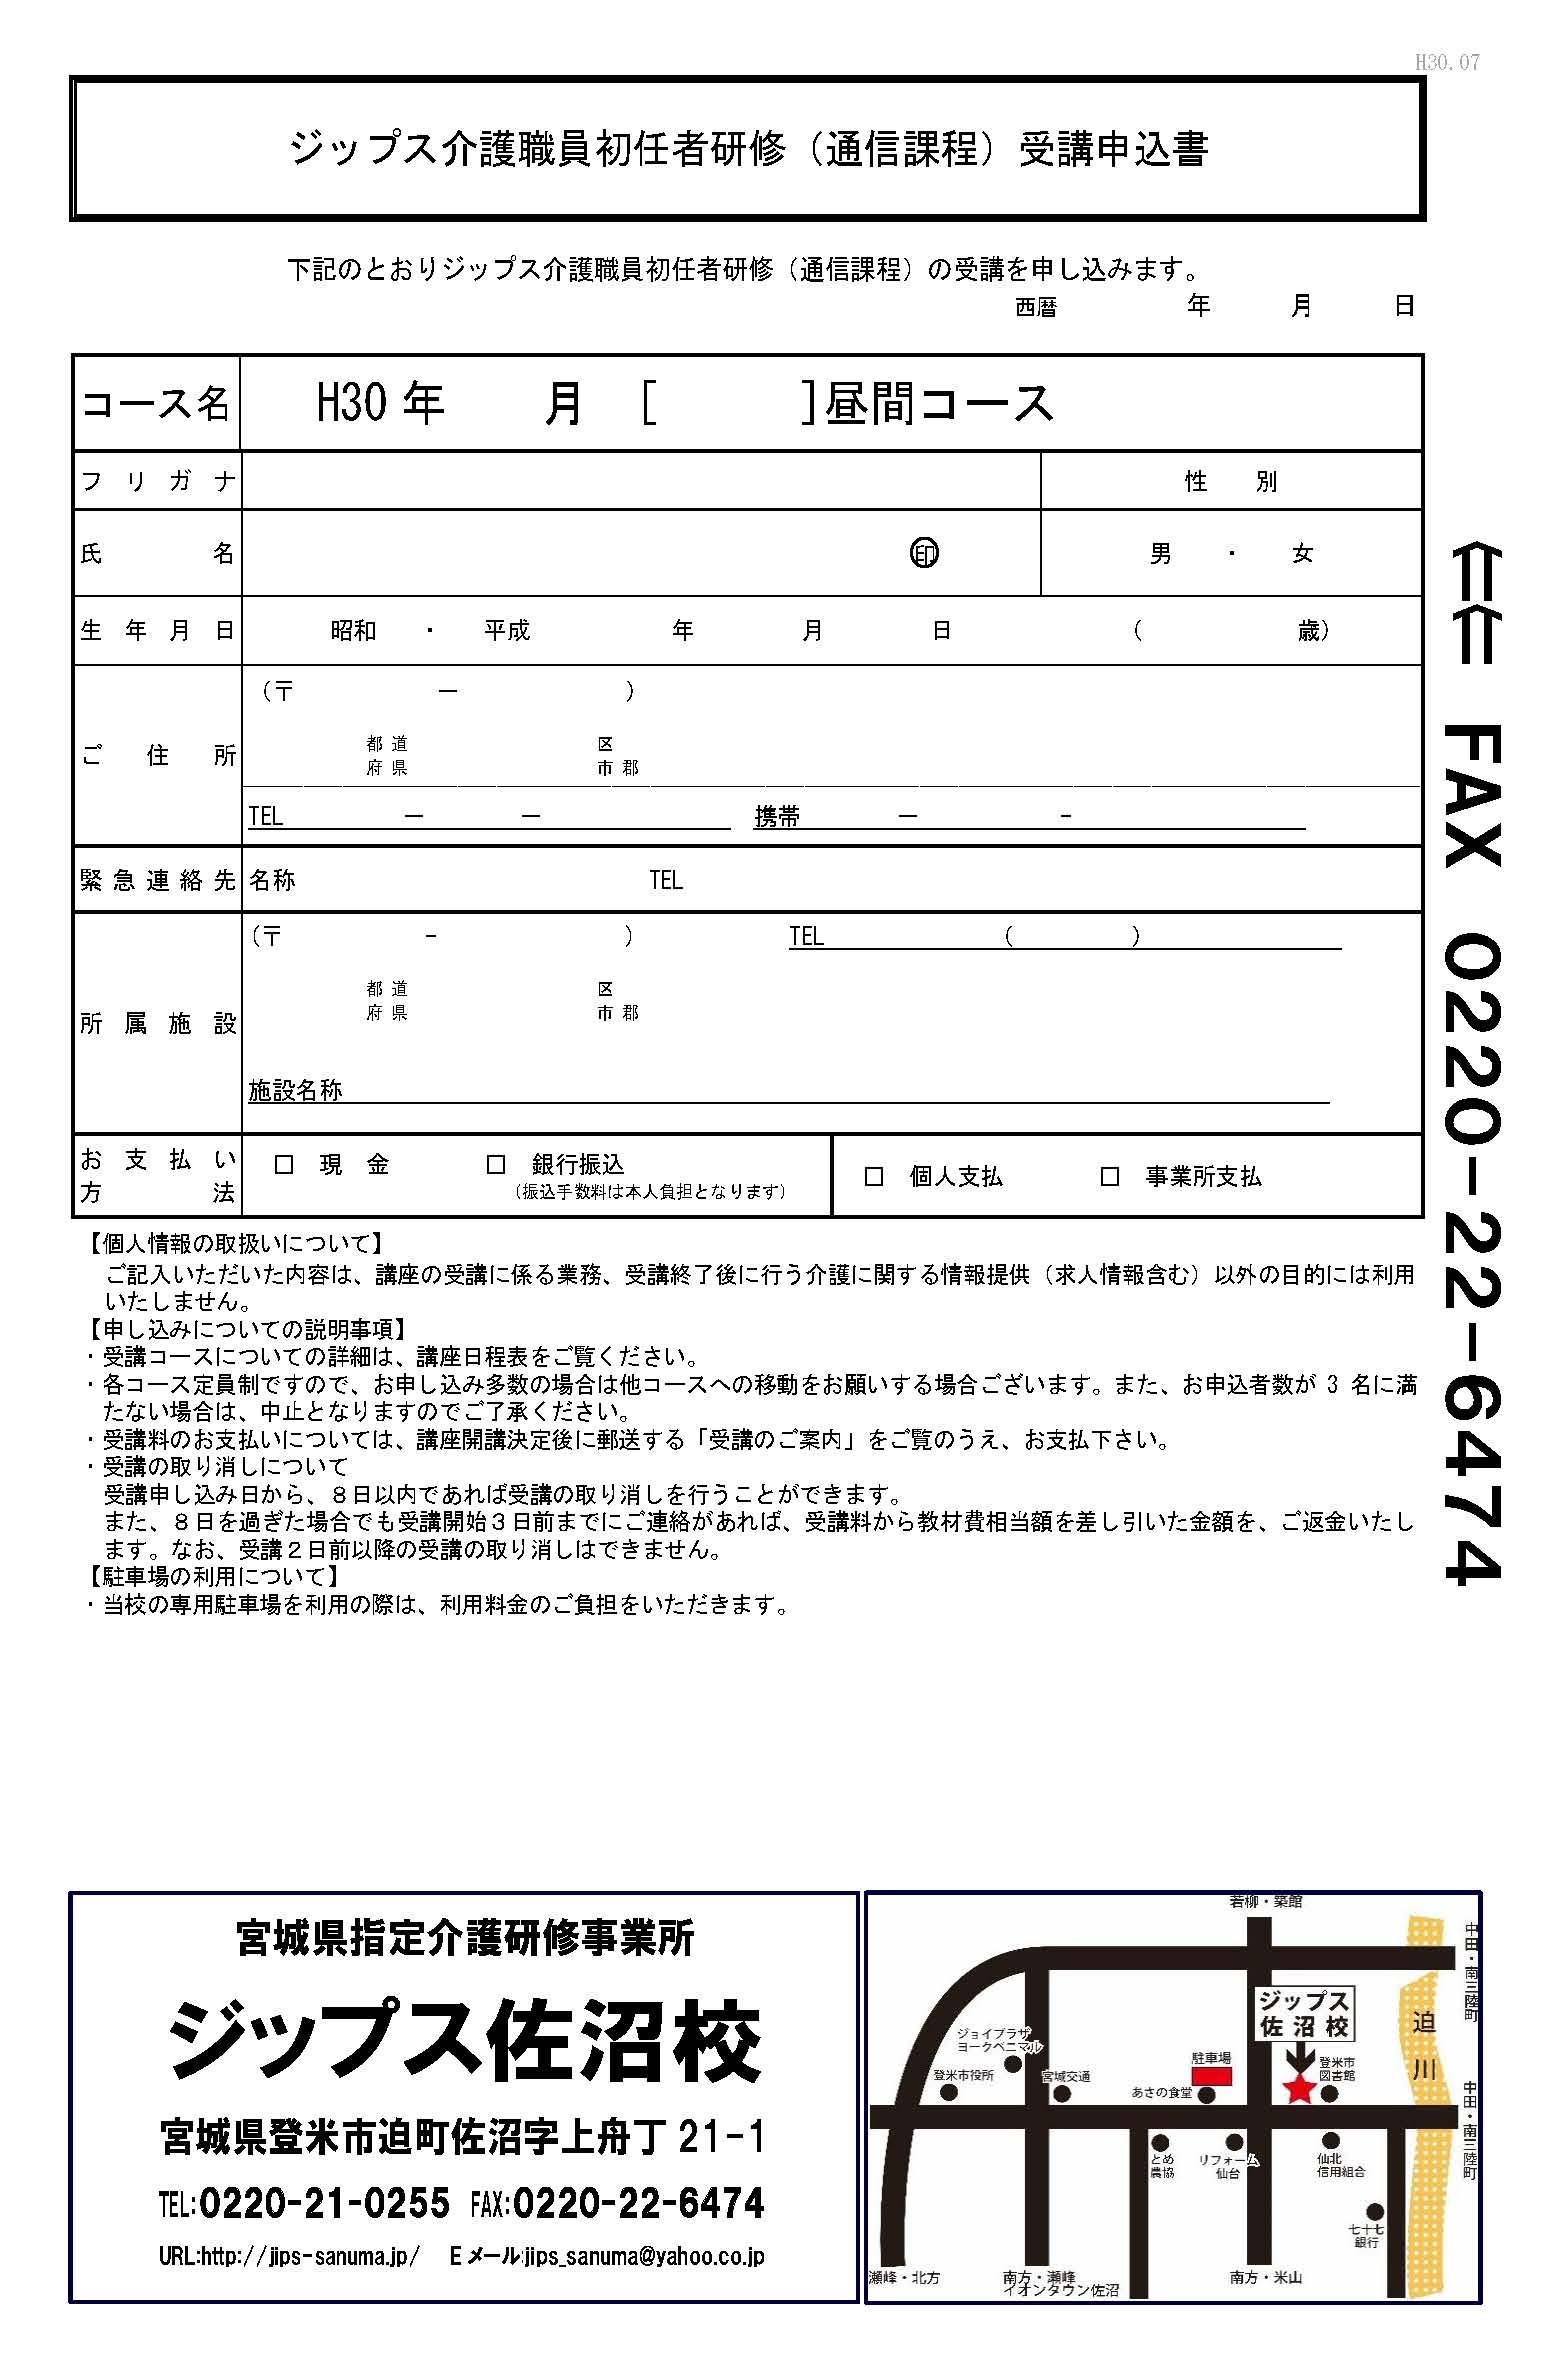 初任者研修募集チラシH30年7月(総合)-2_ページ_2